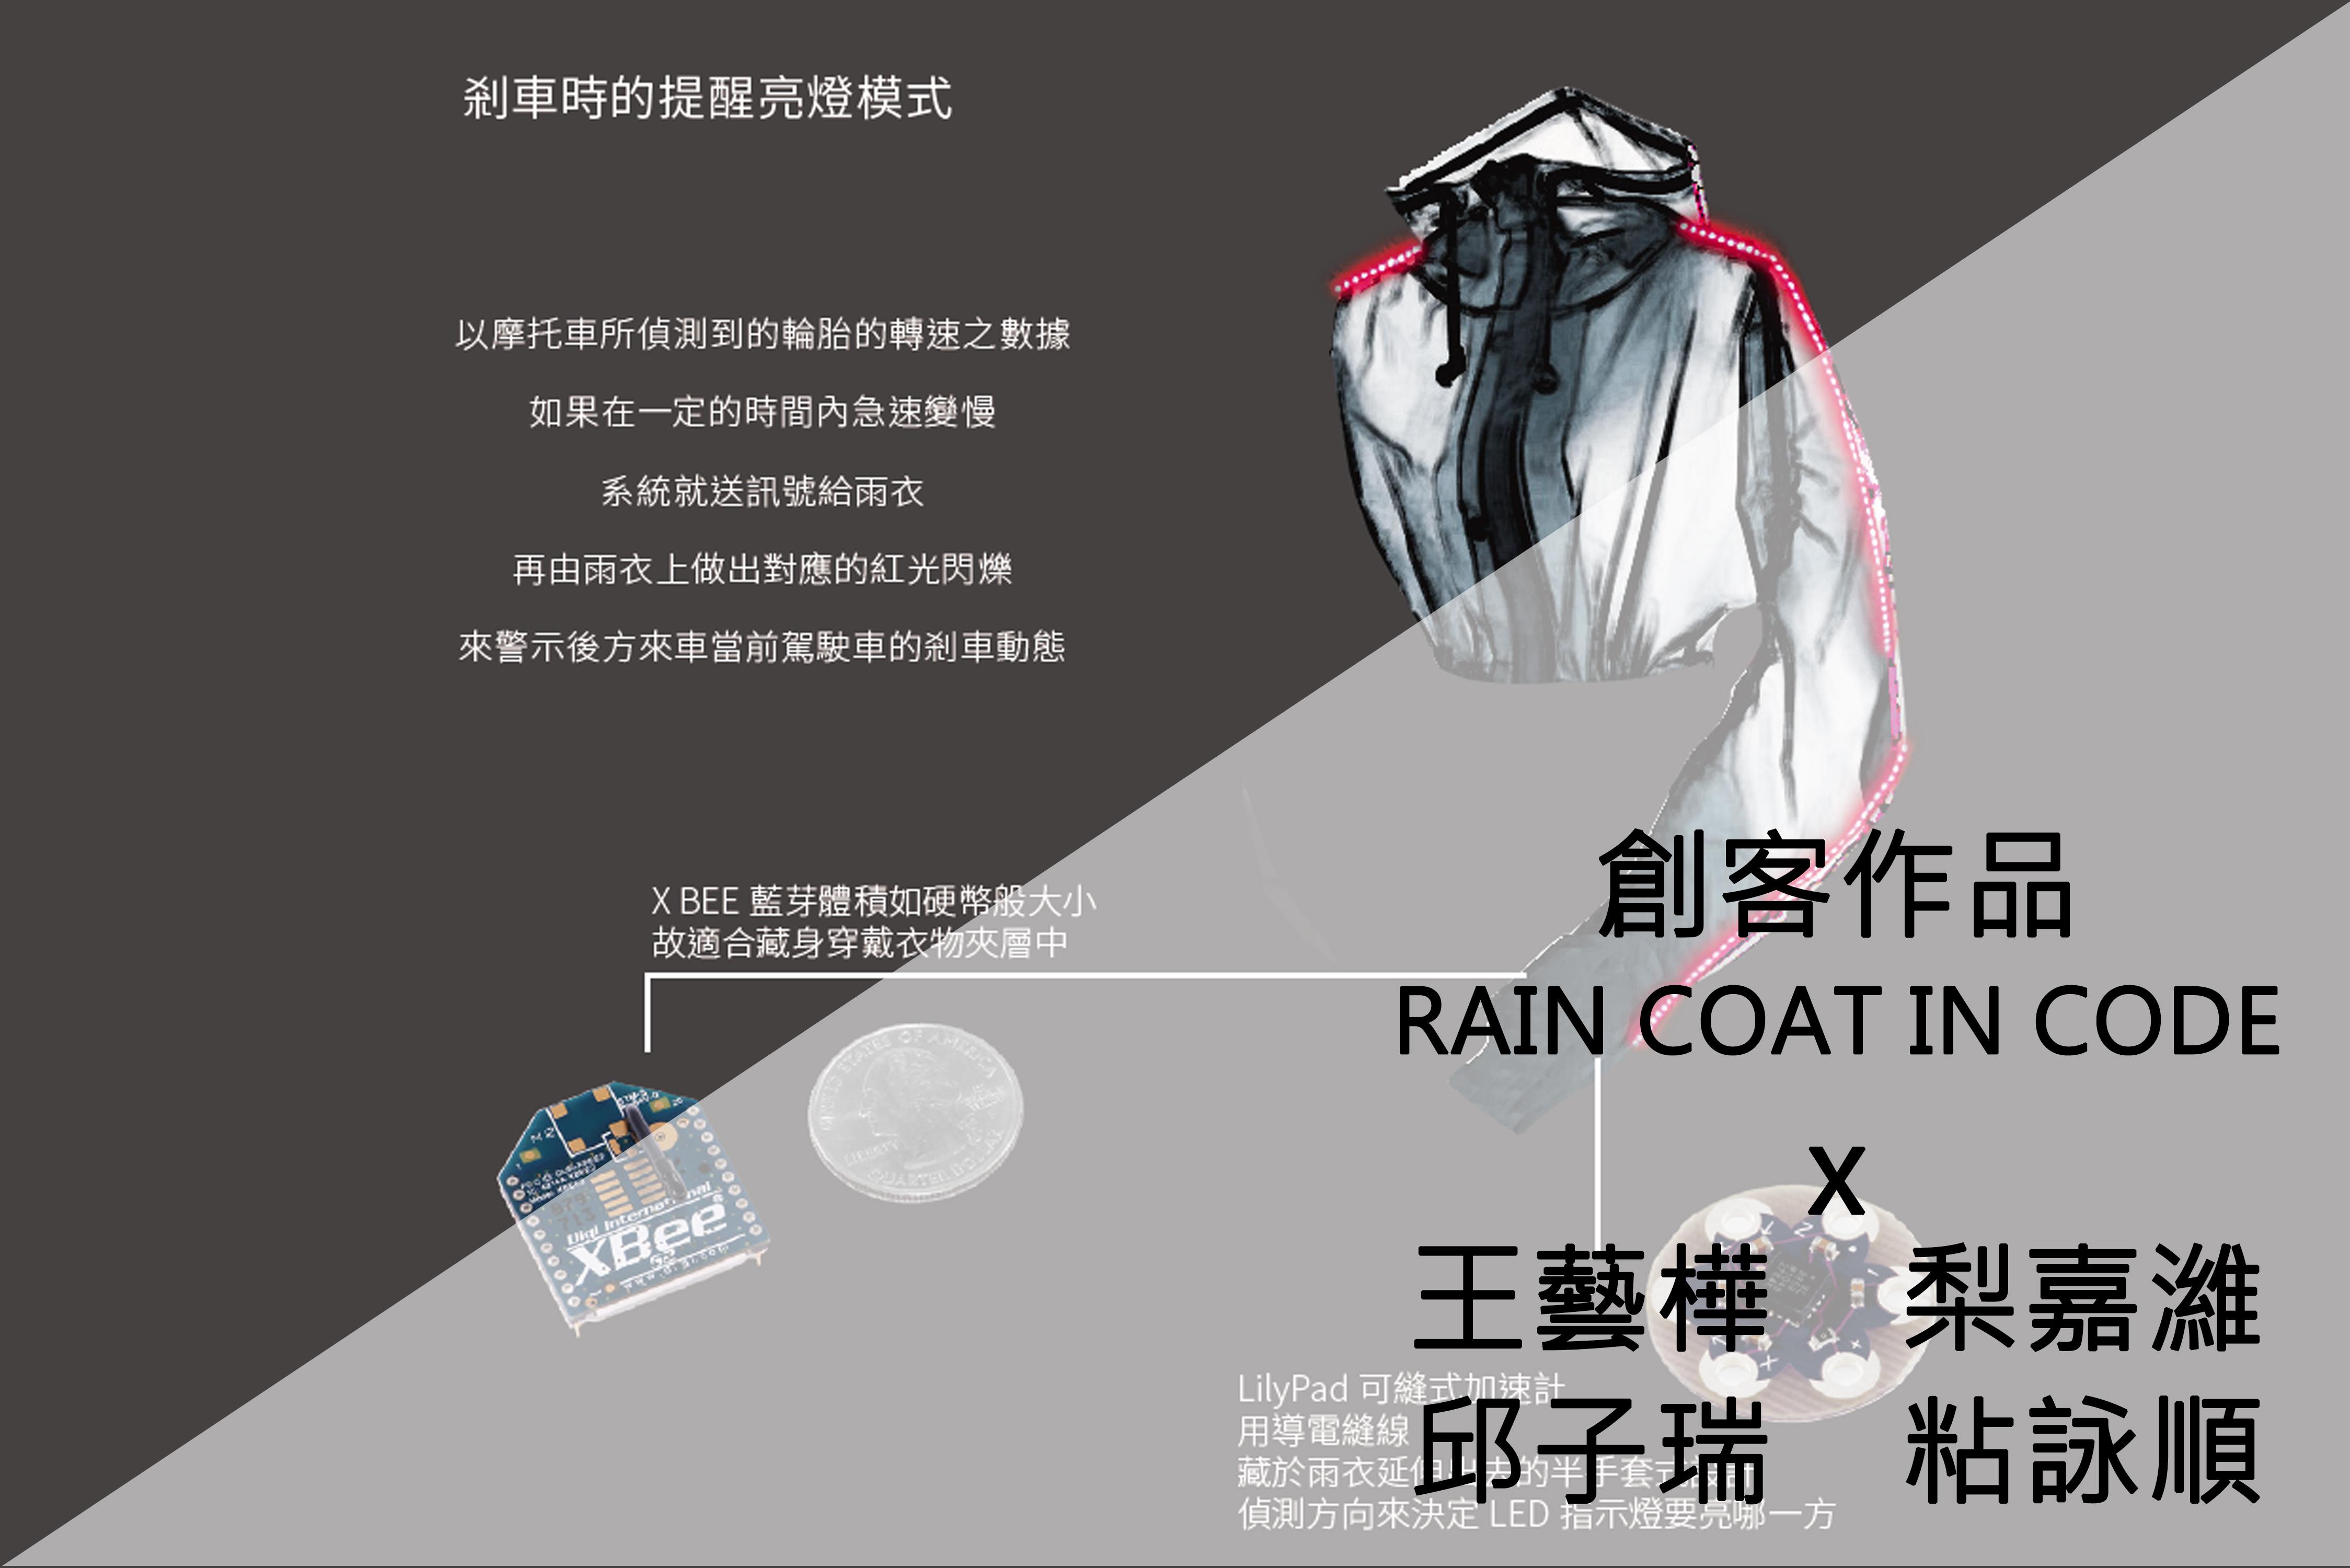 RAIN COAT IN CODE